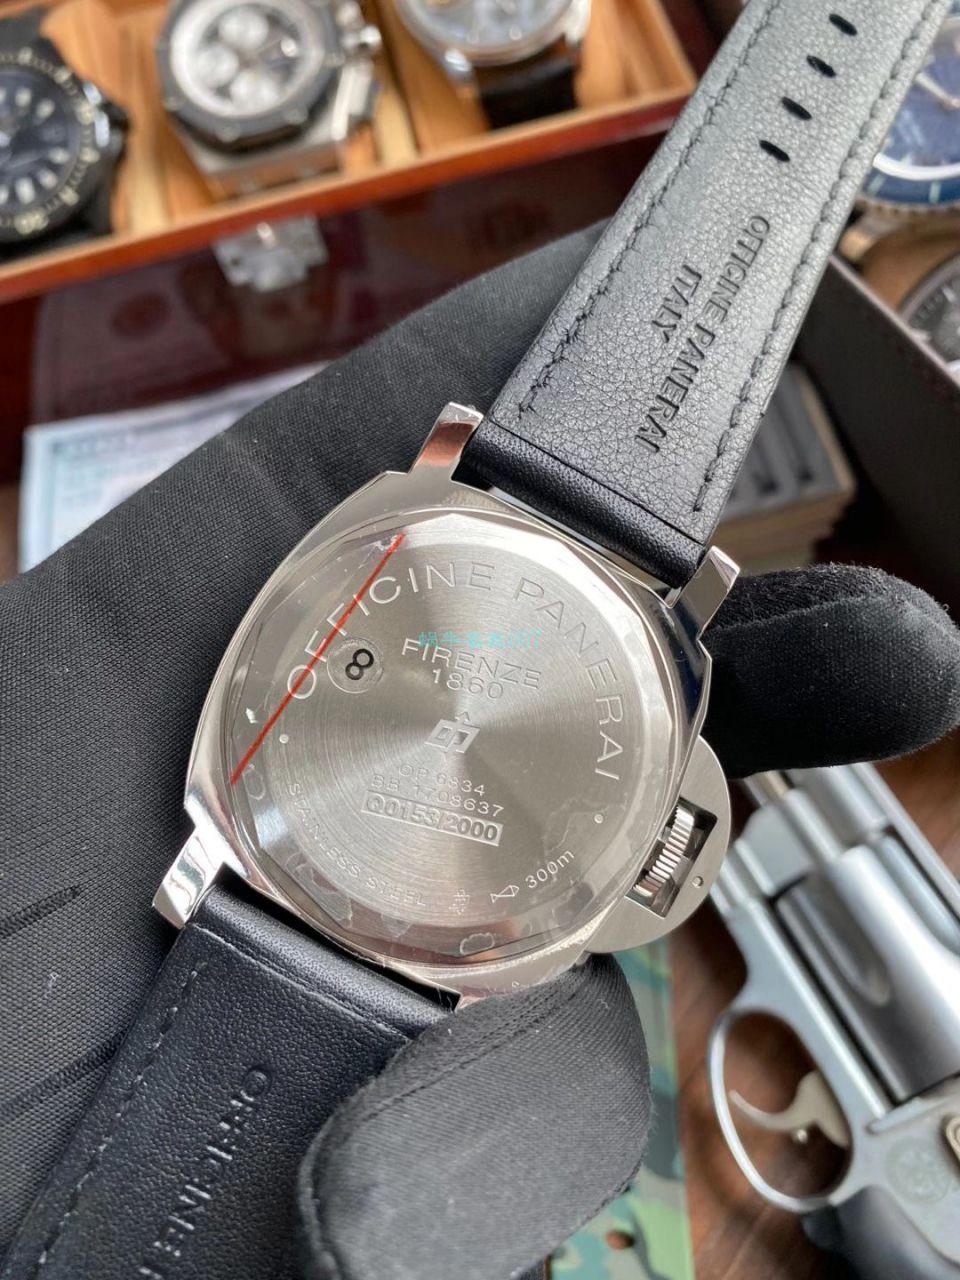 XF厂沛纳海LUMINOR系列PAM00000超A高仿手表 / XFPAM00000